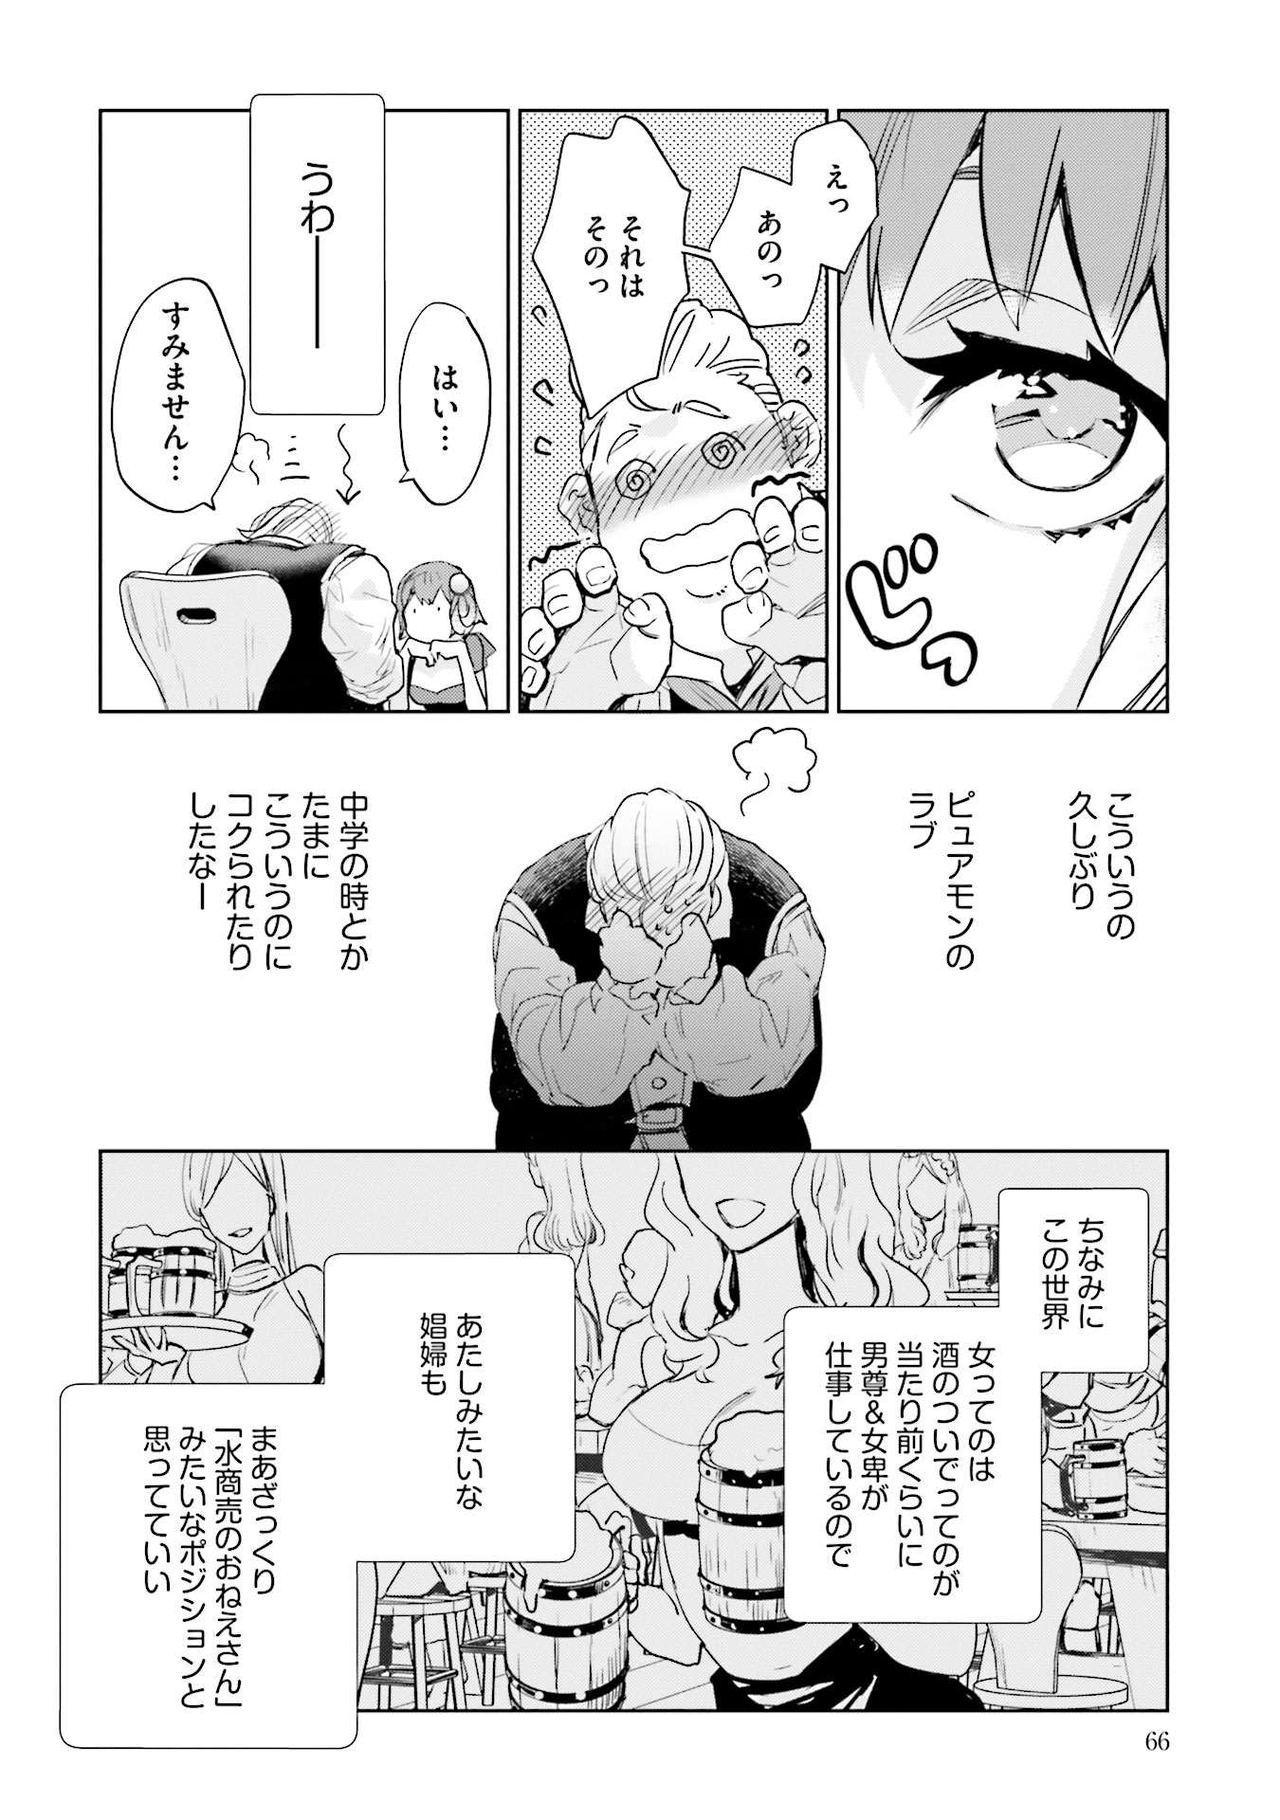 JK Haru wa Isekai de Shoufu ni Natta 1-14 67